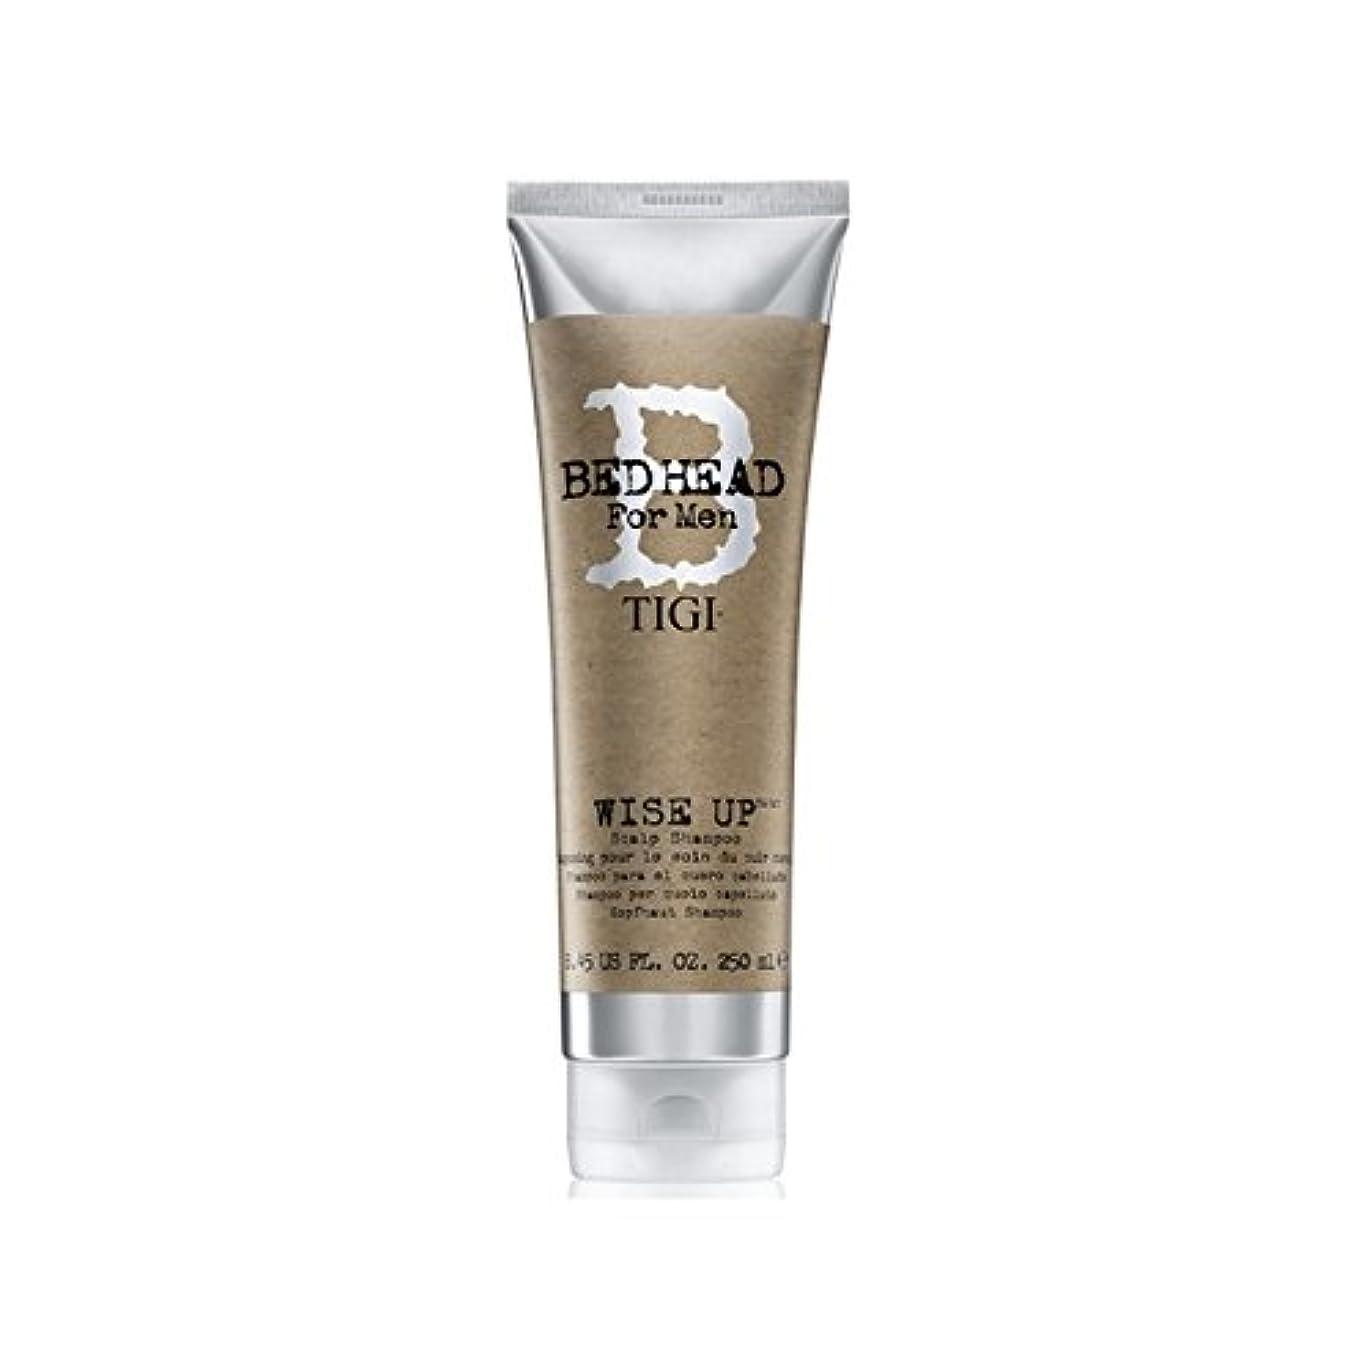 望むはげ争うTigi Bed Head For Men Wise Up Scalp Shampoo (250ml) - 賢明な頭皮シャンプー(250ミリリットル)までの男性のためのティジーベッドヘッド [並行輸入品]